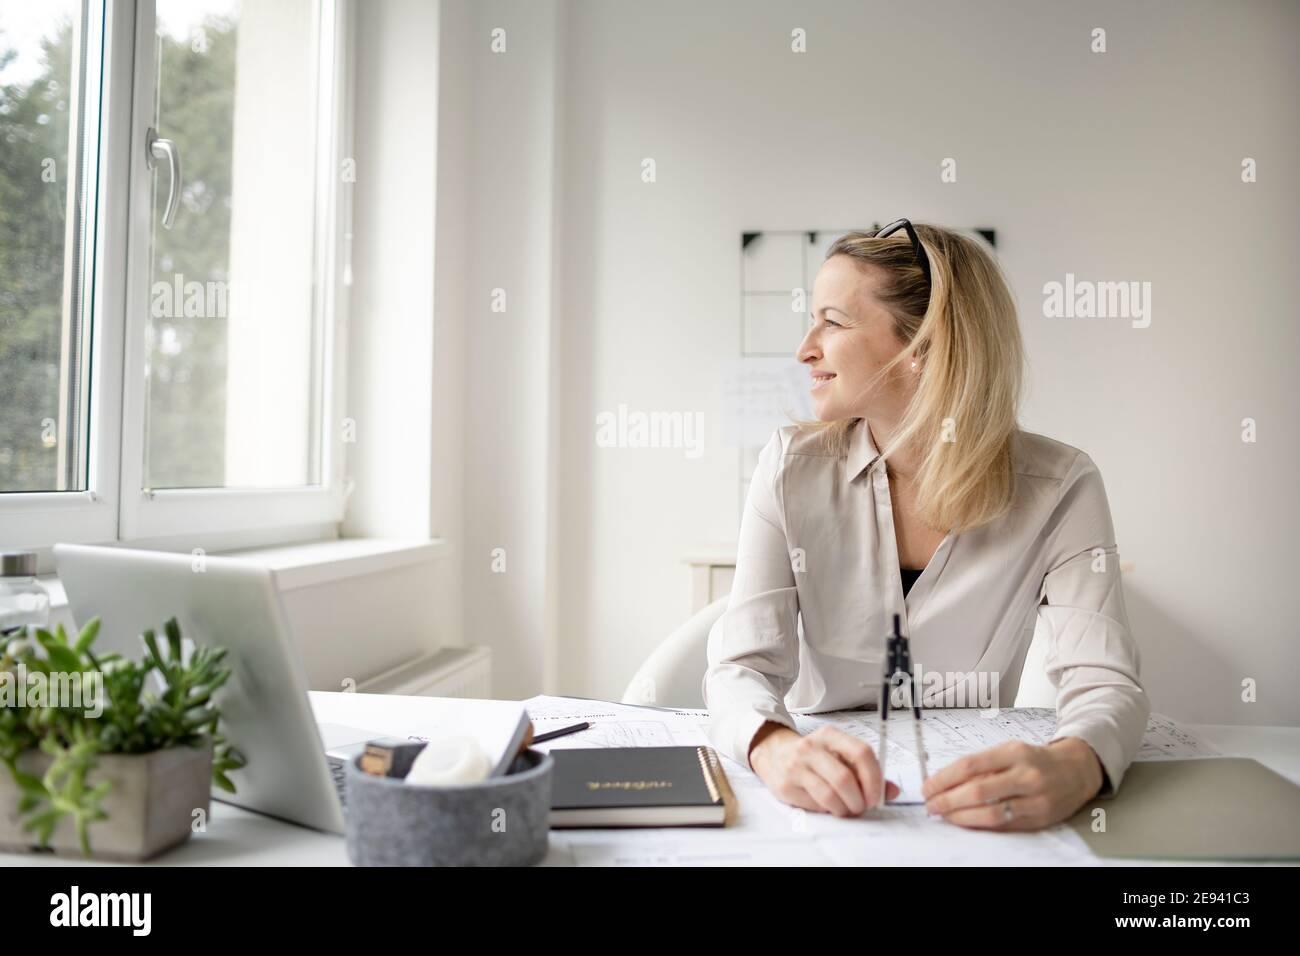 rubia, hermosa mujer arquitecto está sentado en su oficina y está soñando con mejores tiempos sin corona Foto de stock